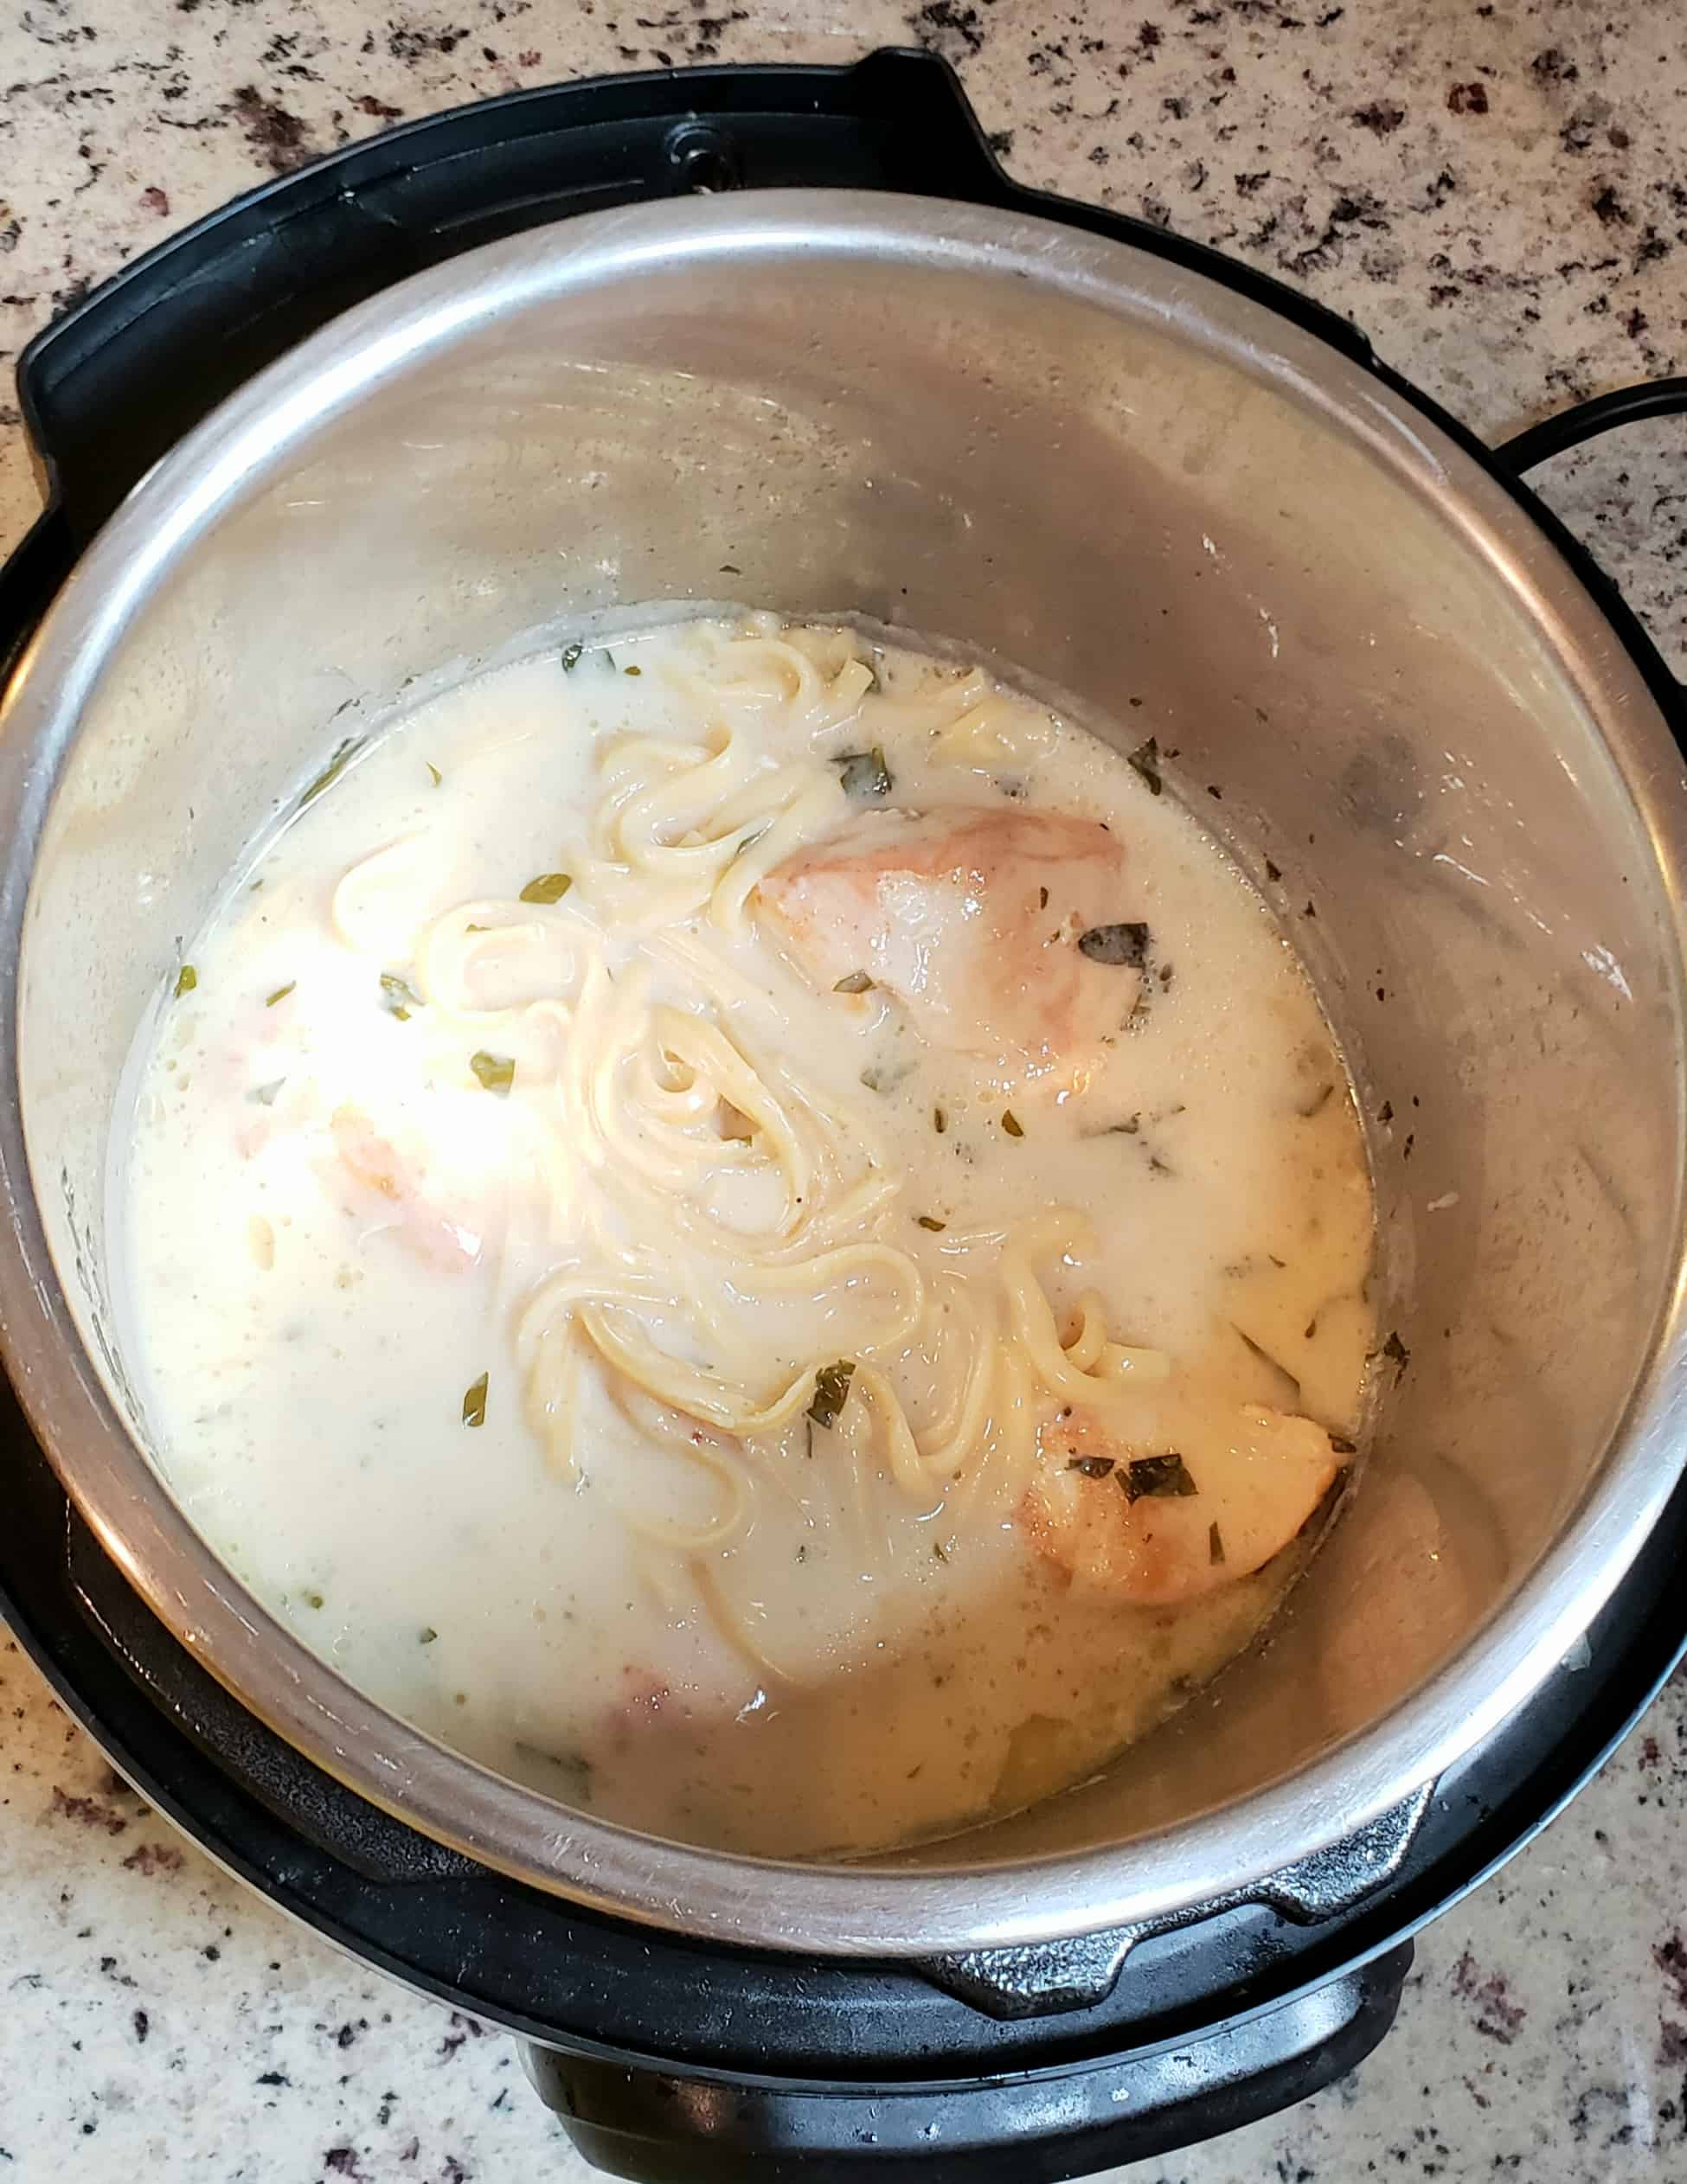 liguine chicken and alfredo sauce overheaad view in Instant Pot